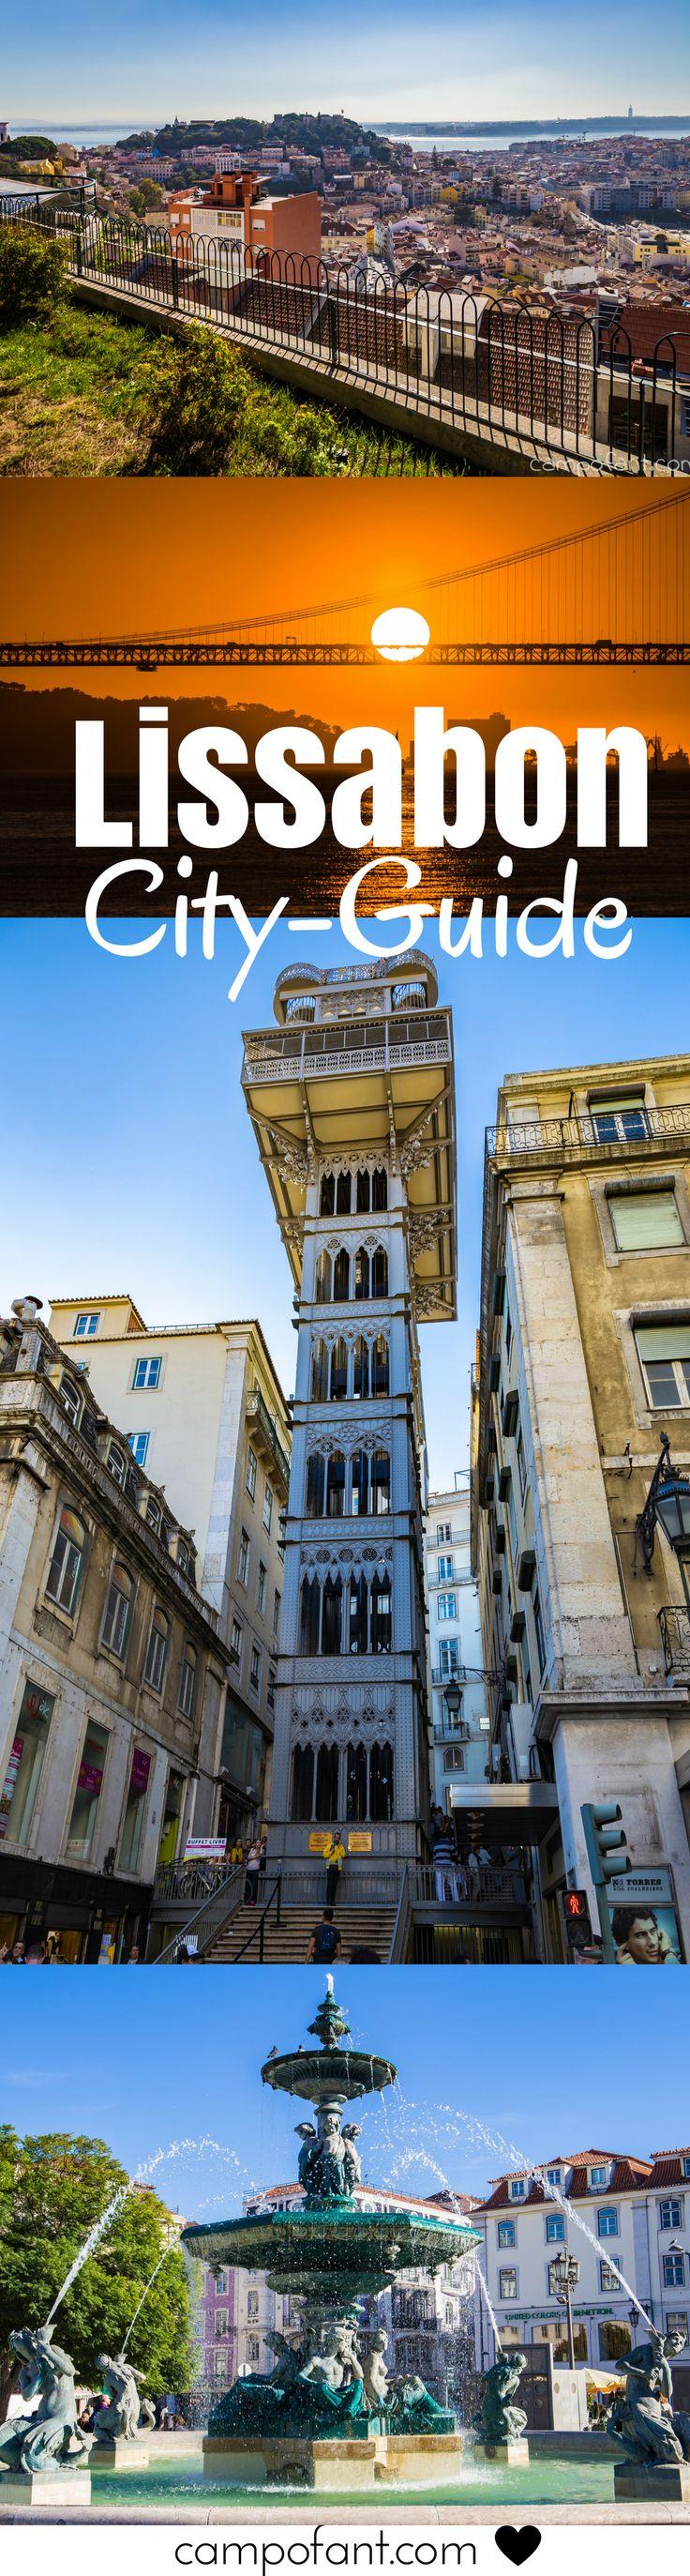 Lissabon - die Hauptstadt Portugals. Es ist zeit für eine Sightseeing Tour durch die europäische Metropole. Die Stadt am Tejo hat einiges zu bieten. Was genau erfährst du in unserem City Guide - ideal für alle, die gut vorbereitet sein wollen, egal ob mit oder ohne Wohnmobil.  #lissabon #cityguide #sehenswürdigkeiten #städtetrip